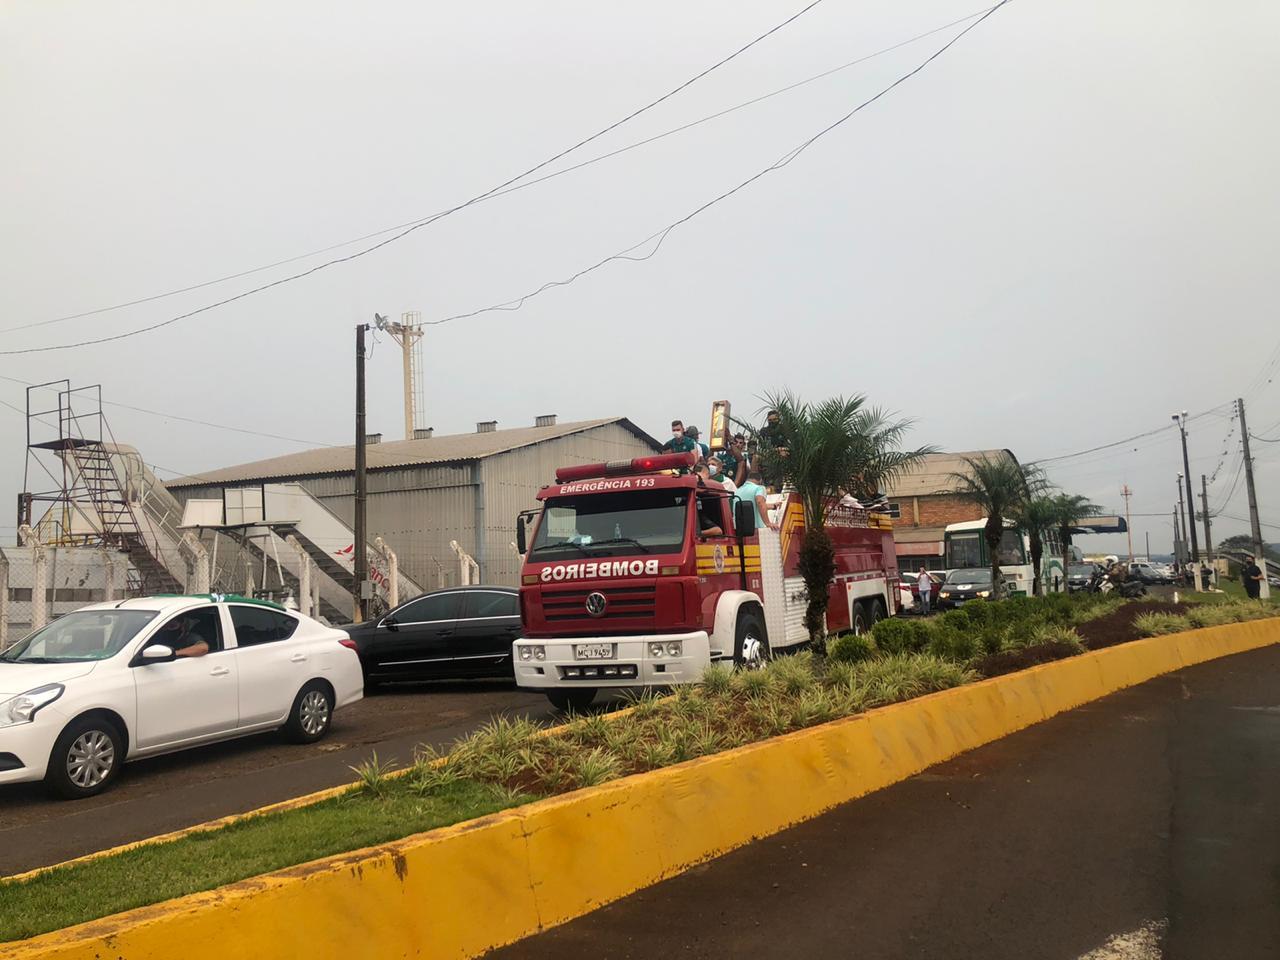 Carretada marca a chegada dos jogadores em Chapecó após a vitória contra o Brusque - Willian Ricardo/ND